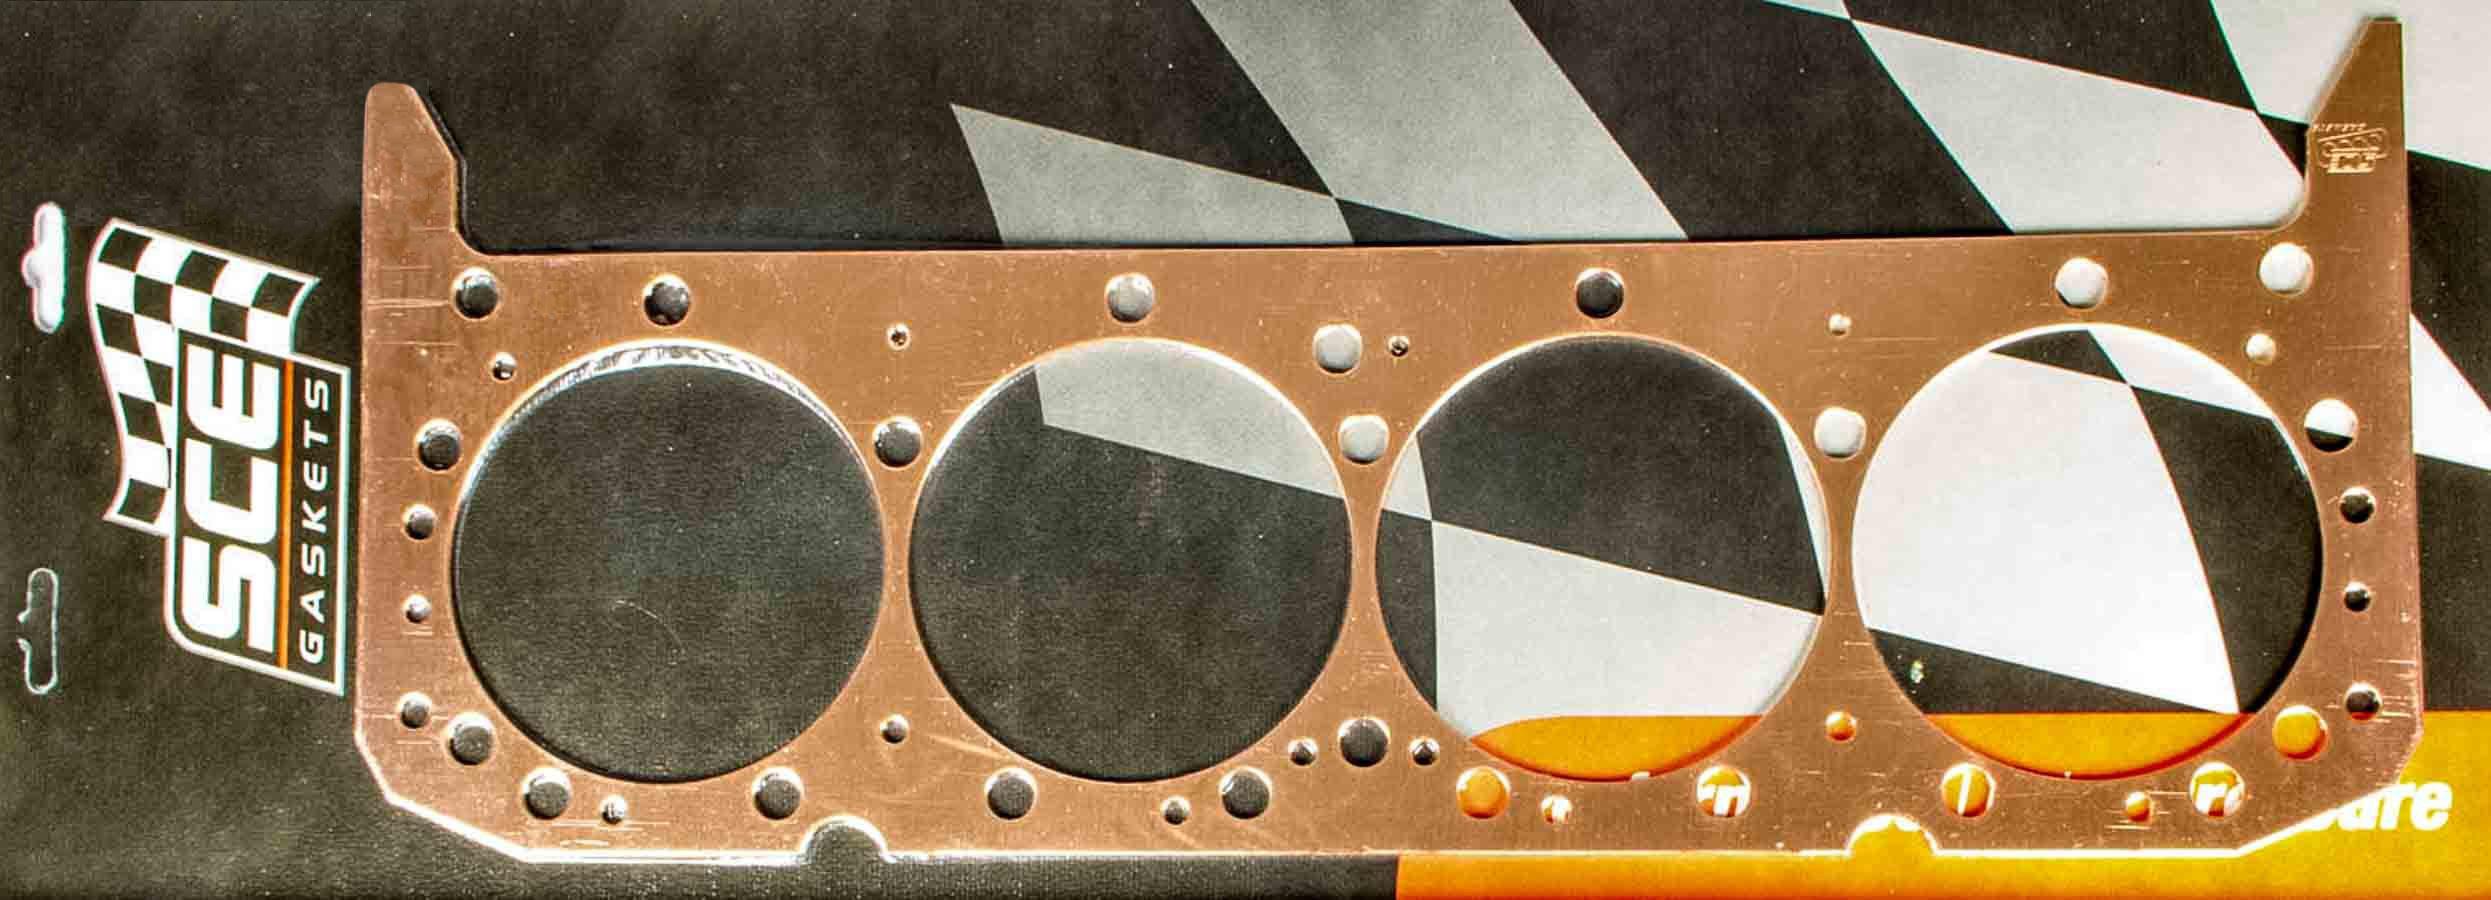 SBC Copper Head Gasket 4.155 x .080